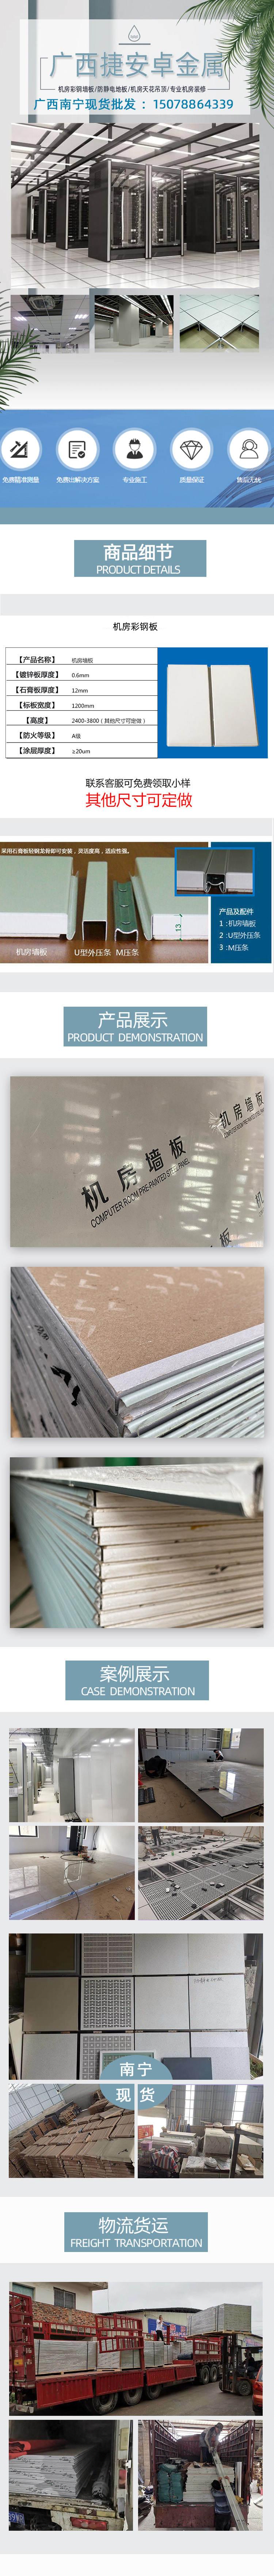 详情-机房彩钢板.jpg